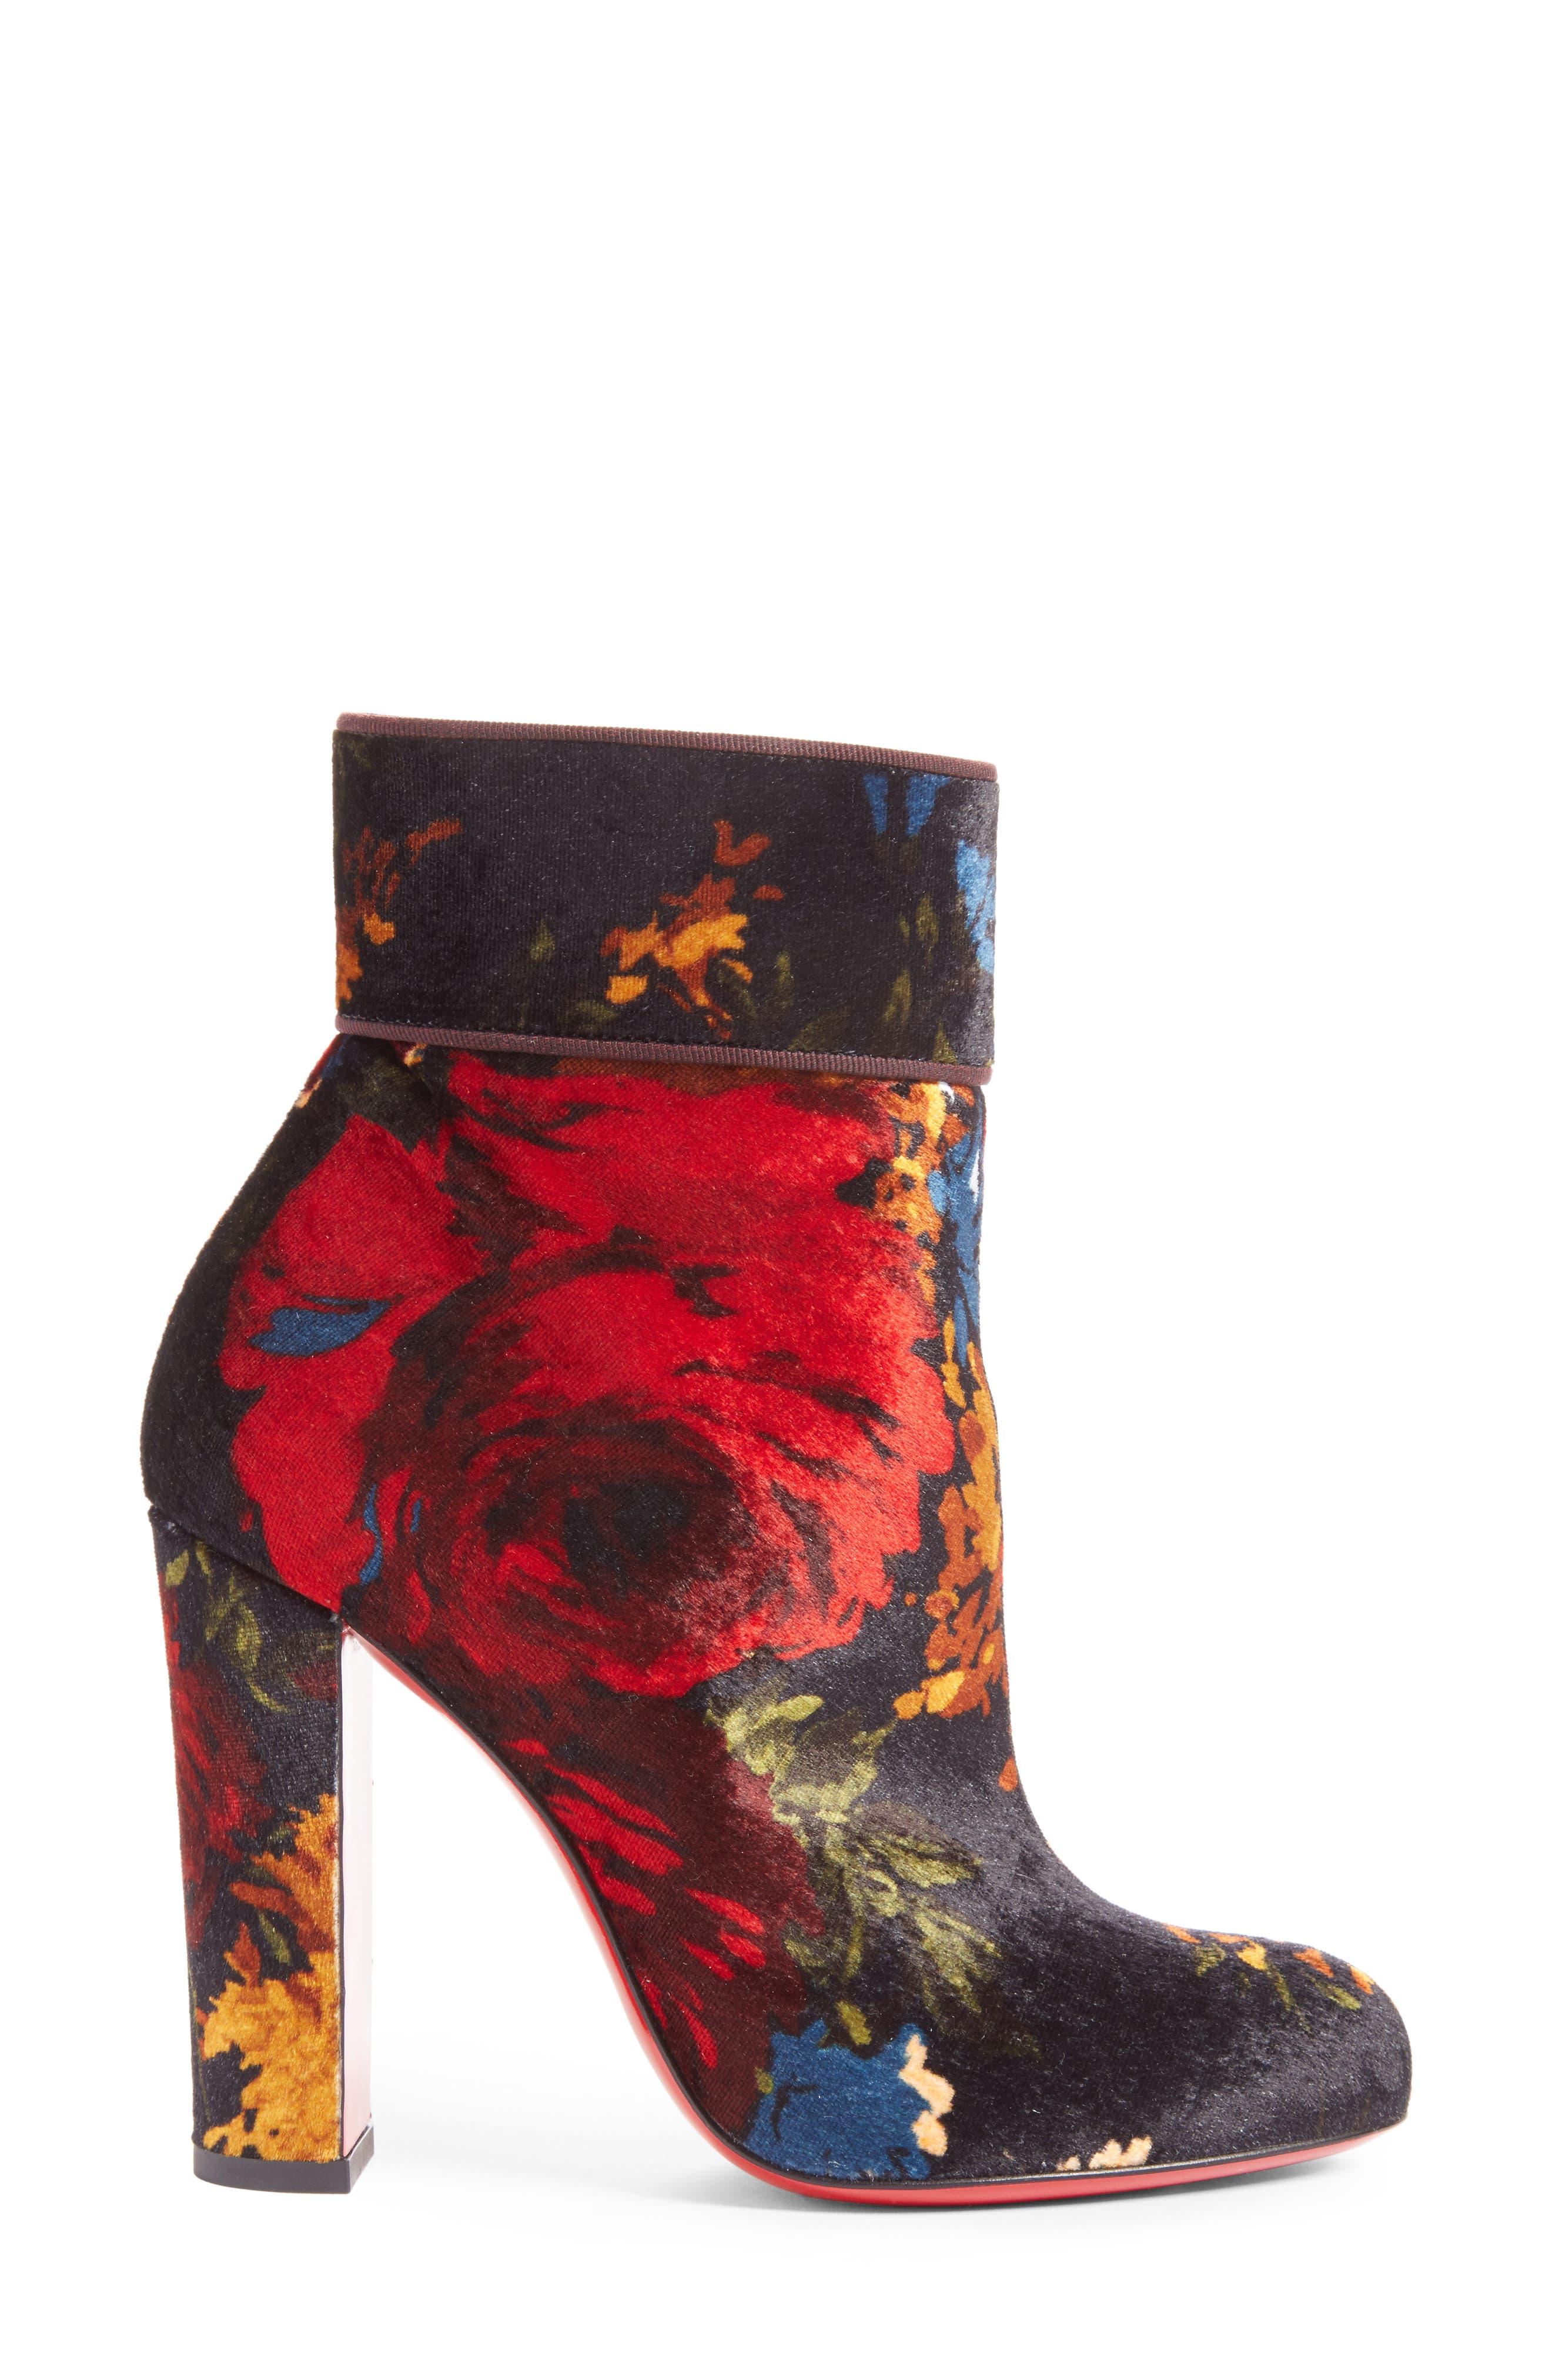 CHRISTIAN LOUBOUTIN,                             Moulamax Floral Velvet Bootie,                             Alternate thumbnail 3, color,                             013